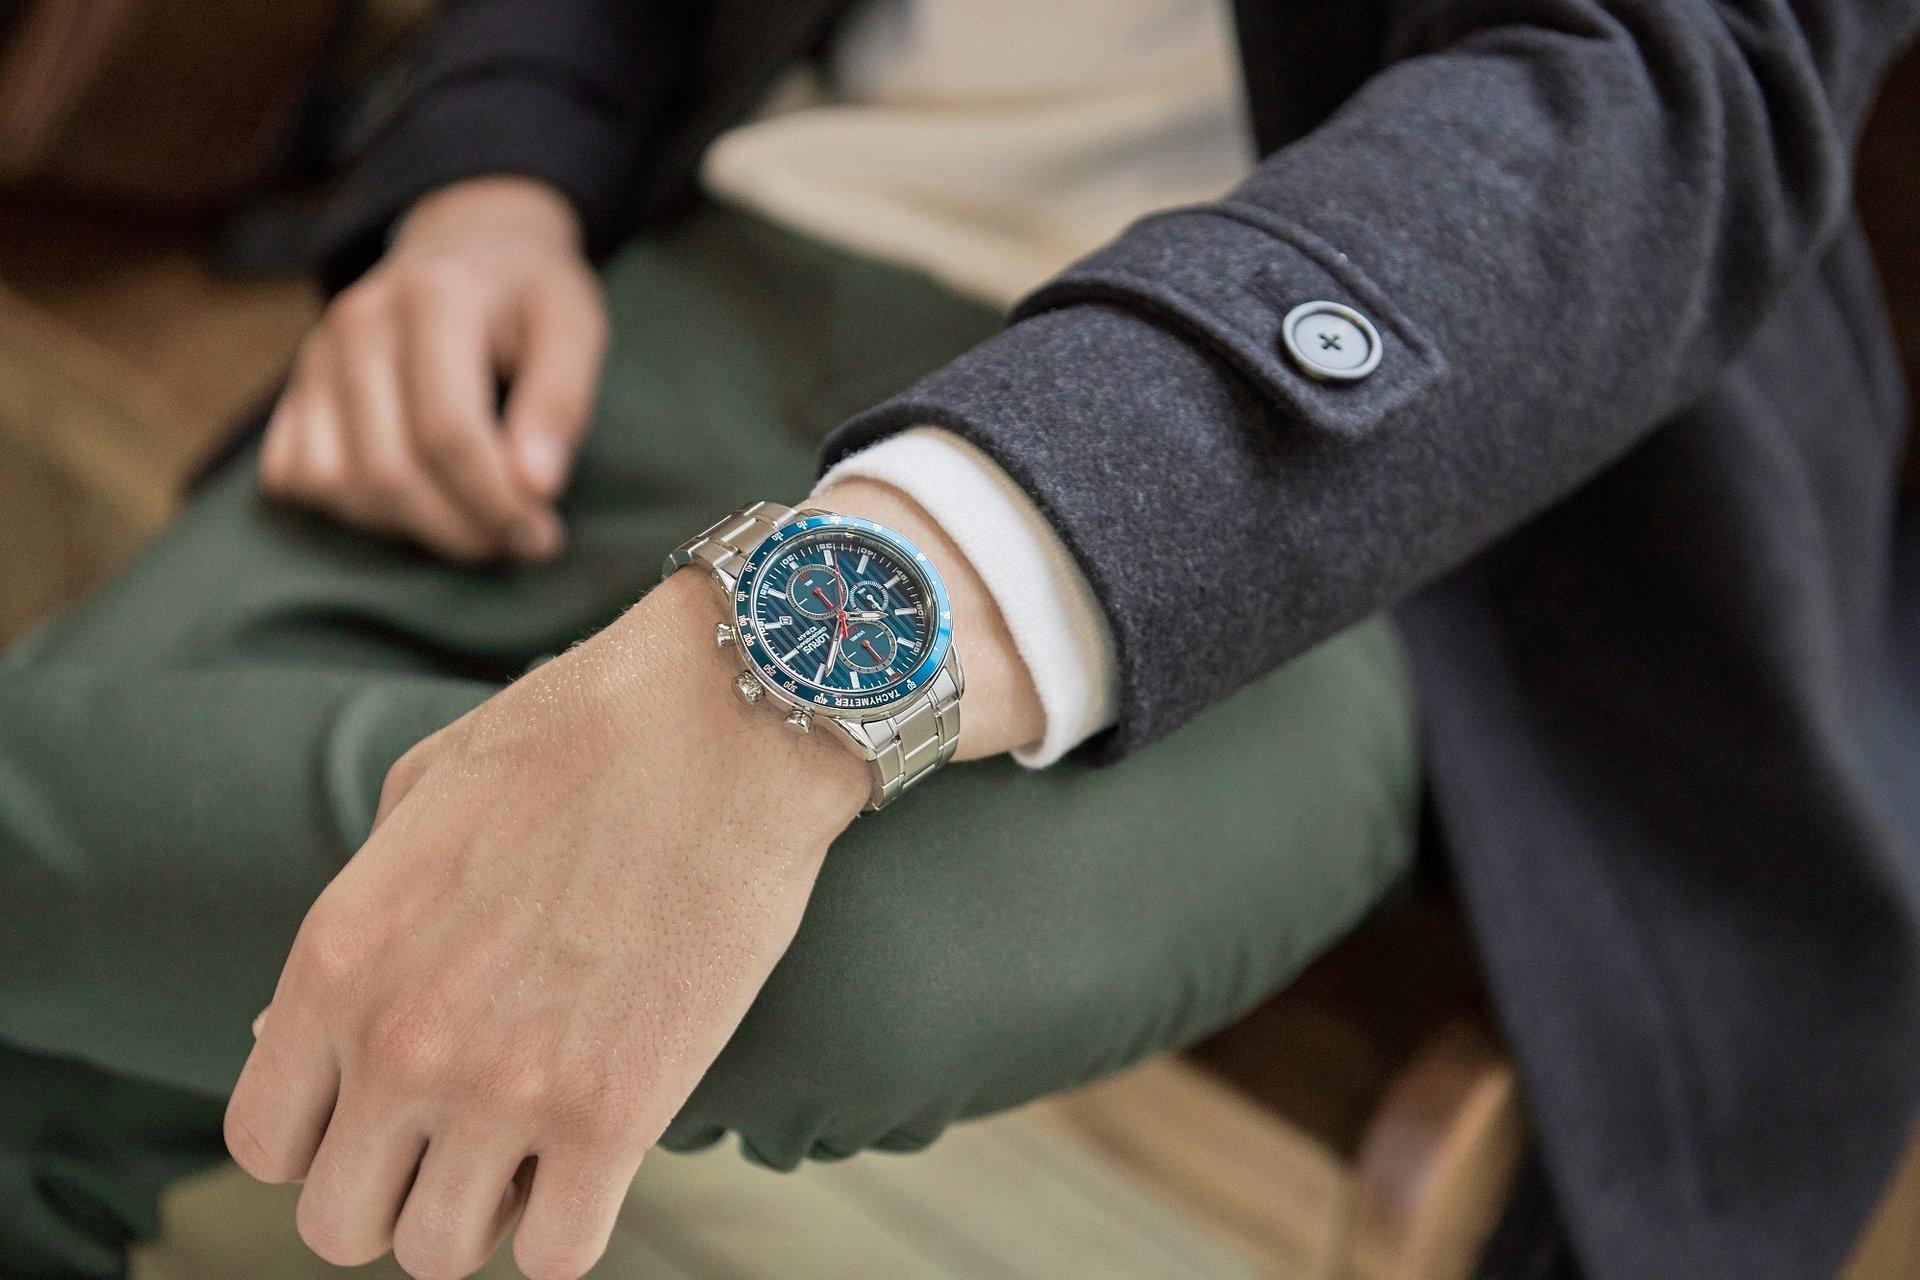 Modny dodatek do jesiennej stylizacji - czyli idealny zegarek dla niej i dla niego.